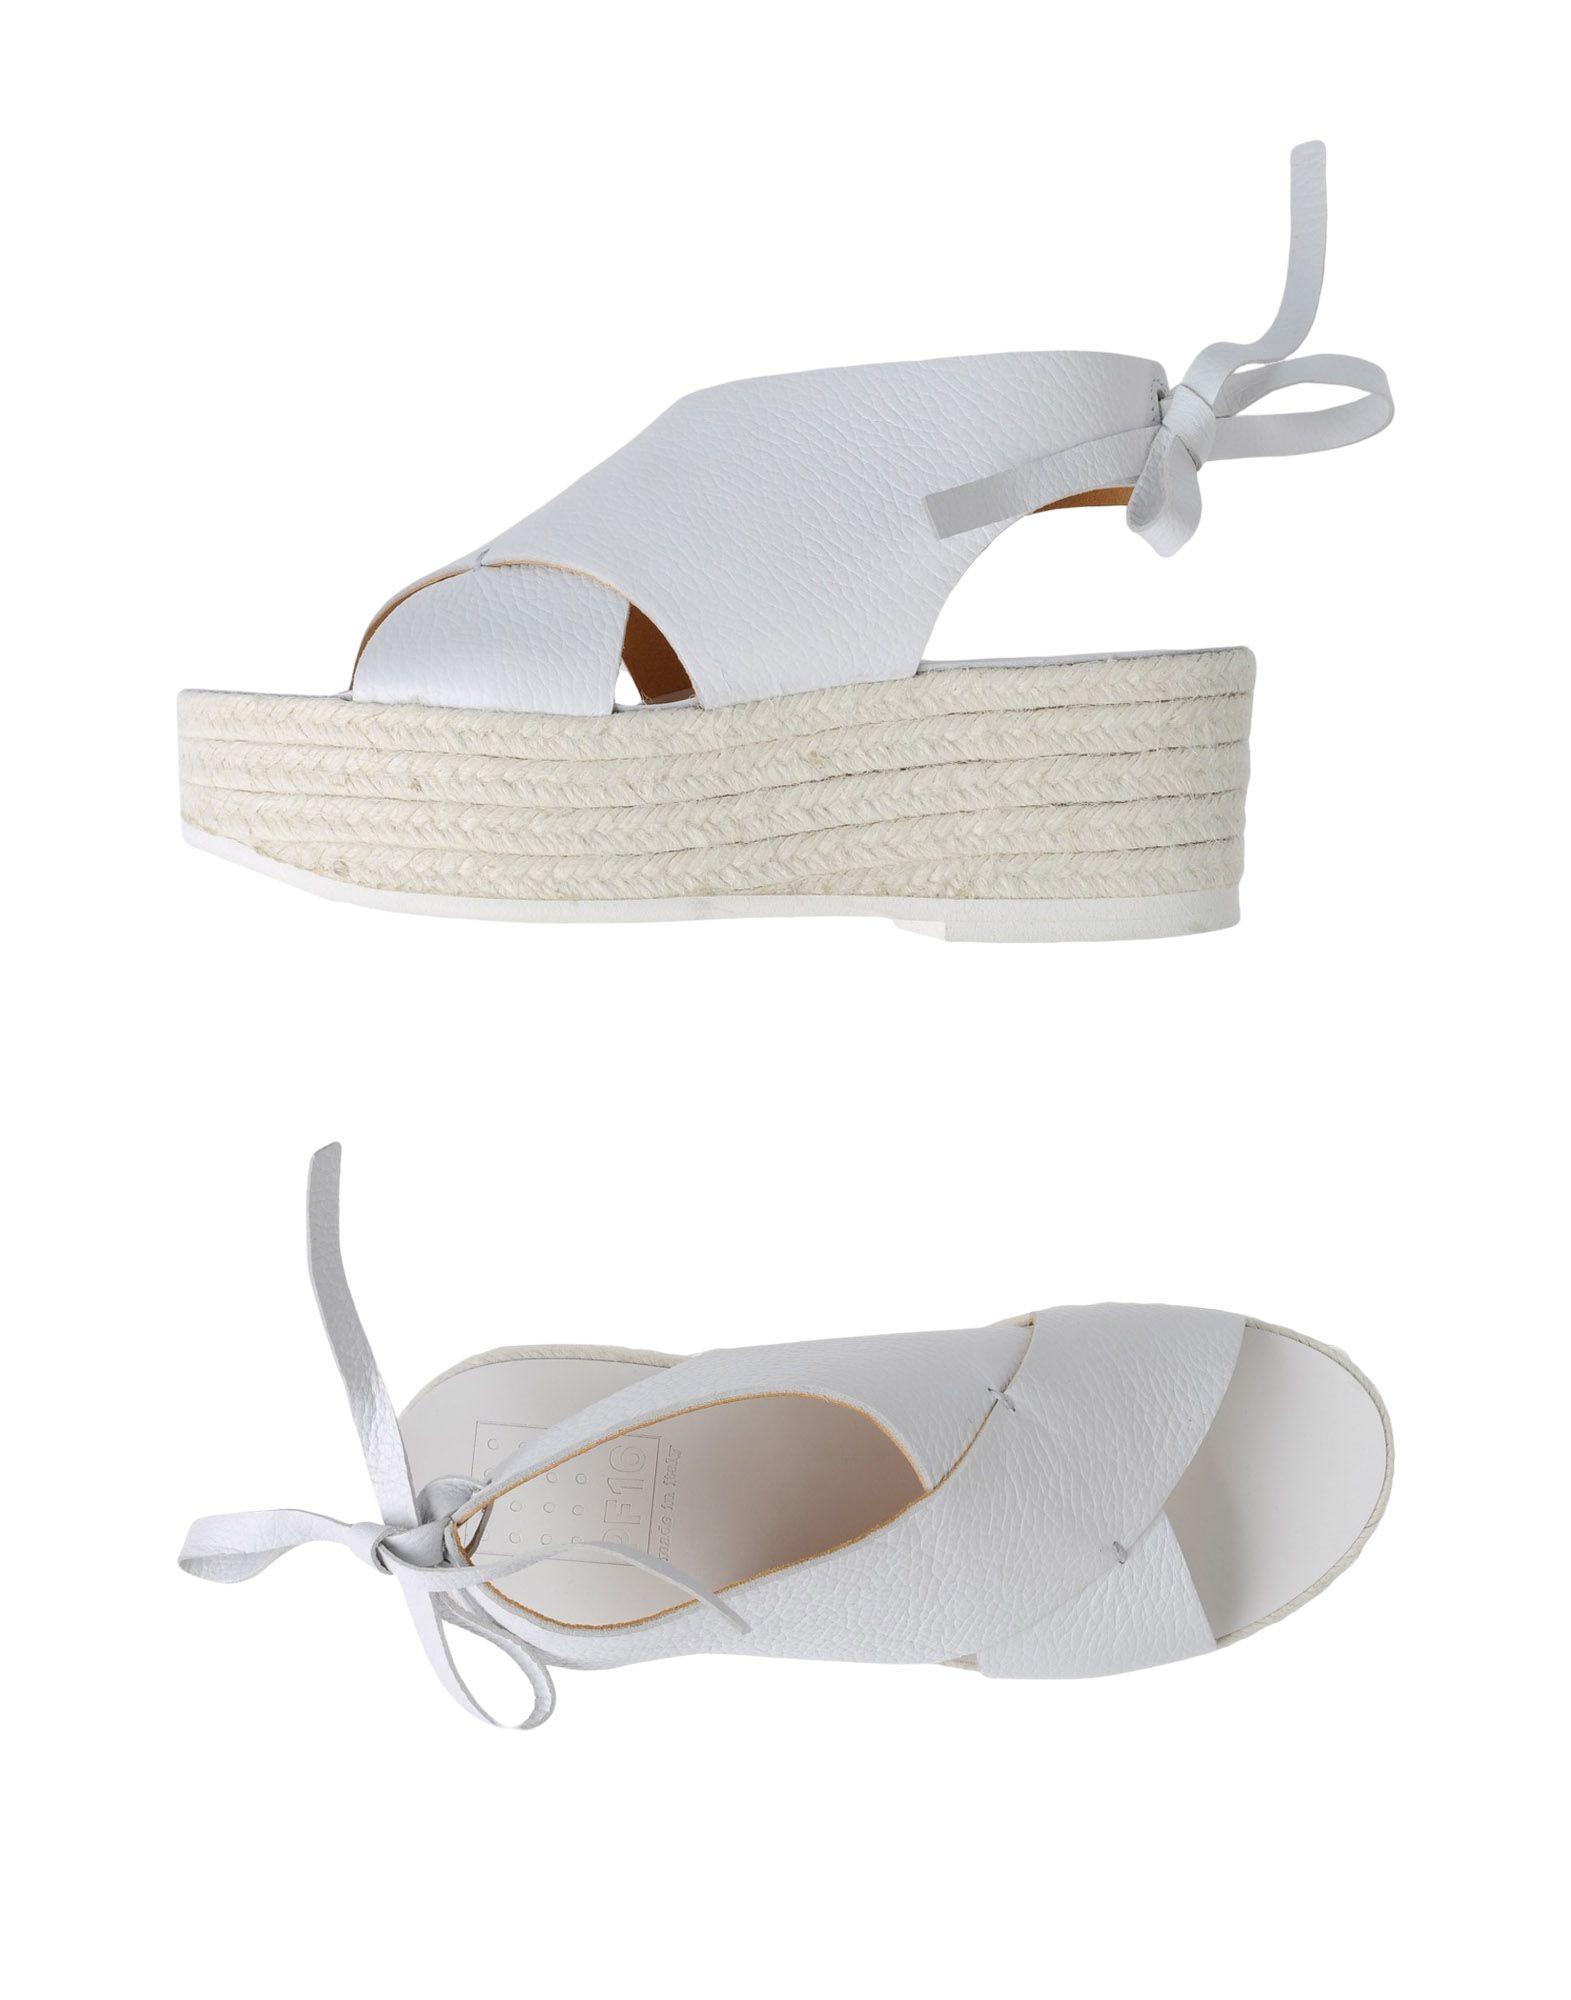 Sandali Pf16 Donna - 11337980LA Scarpe economiche e buone